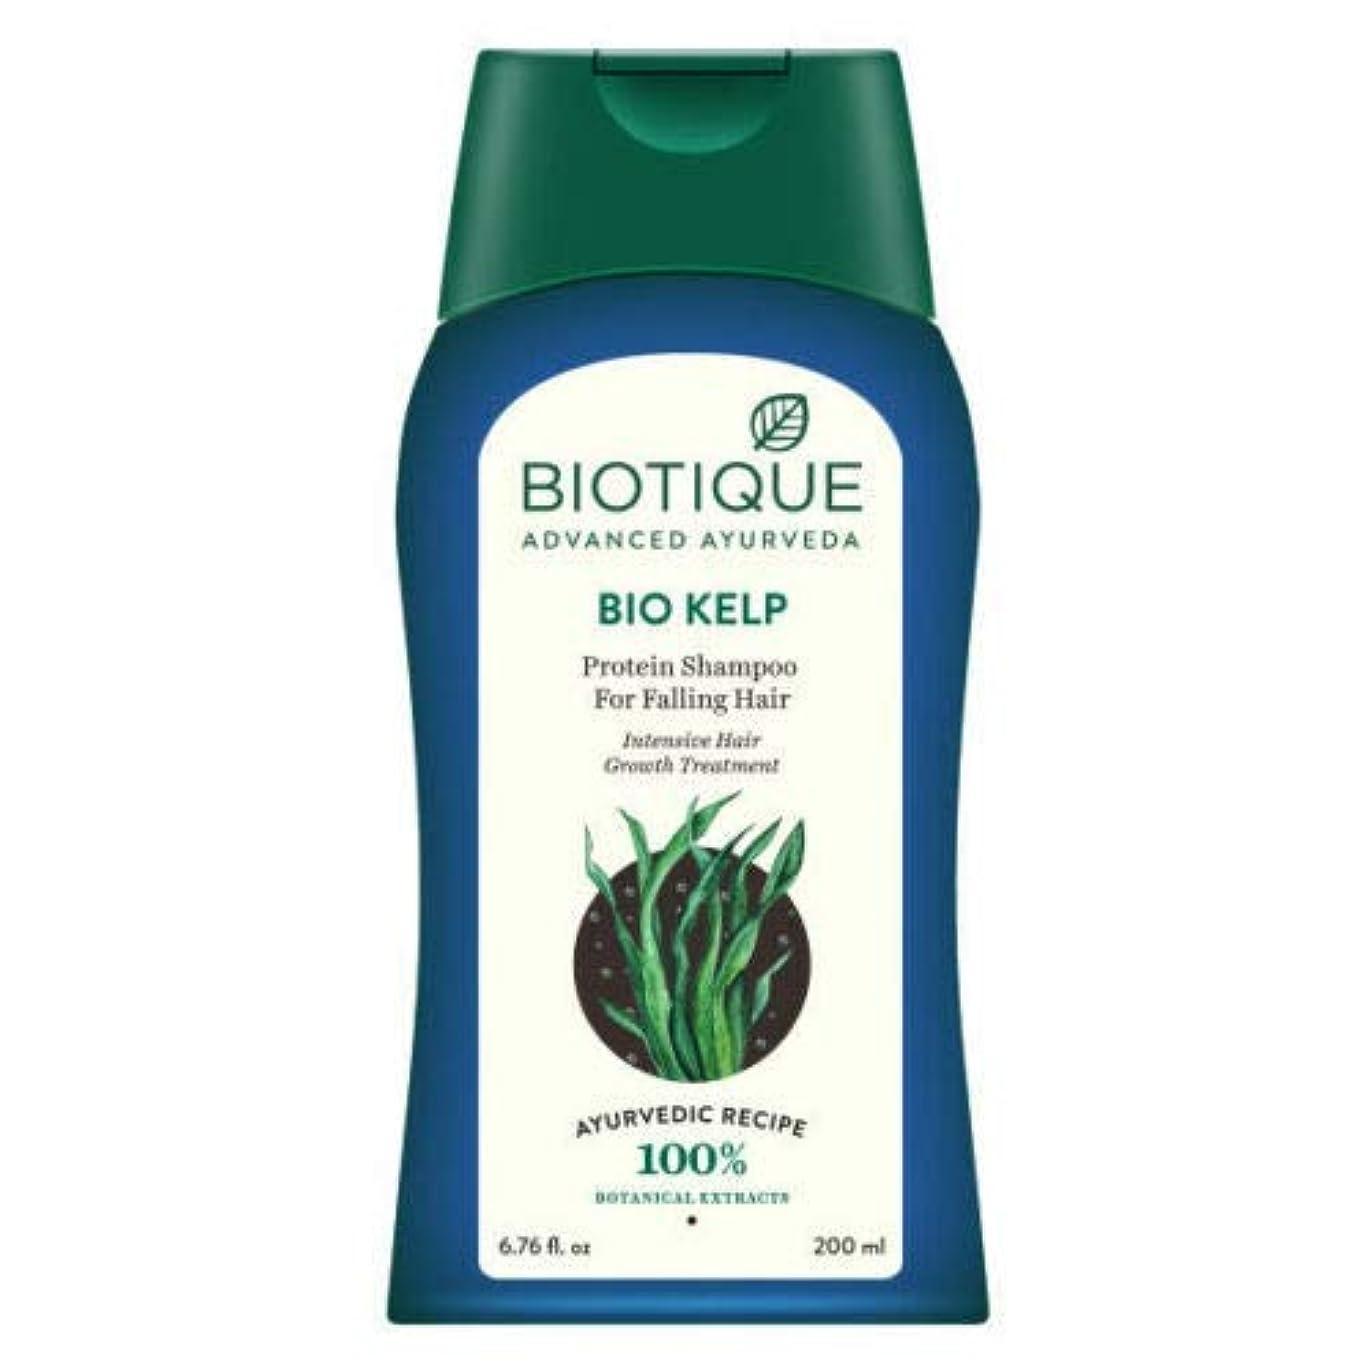 ラップトップカラス集計Biotique Bio Kelp Protein Shampoo For Falling Hair (200 ml) 100% Natural Recipe 落下の毛100%の自然な調理法のためのBiotiqueのバイオケルプ...